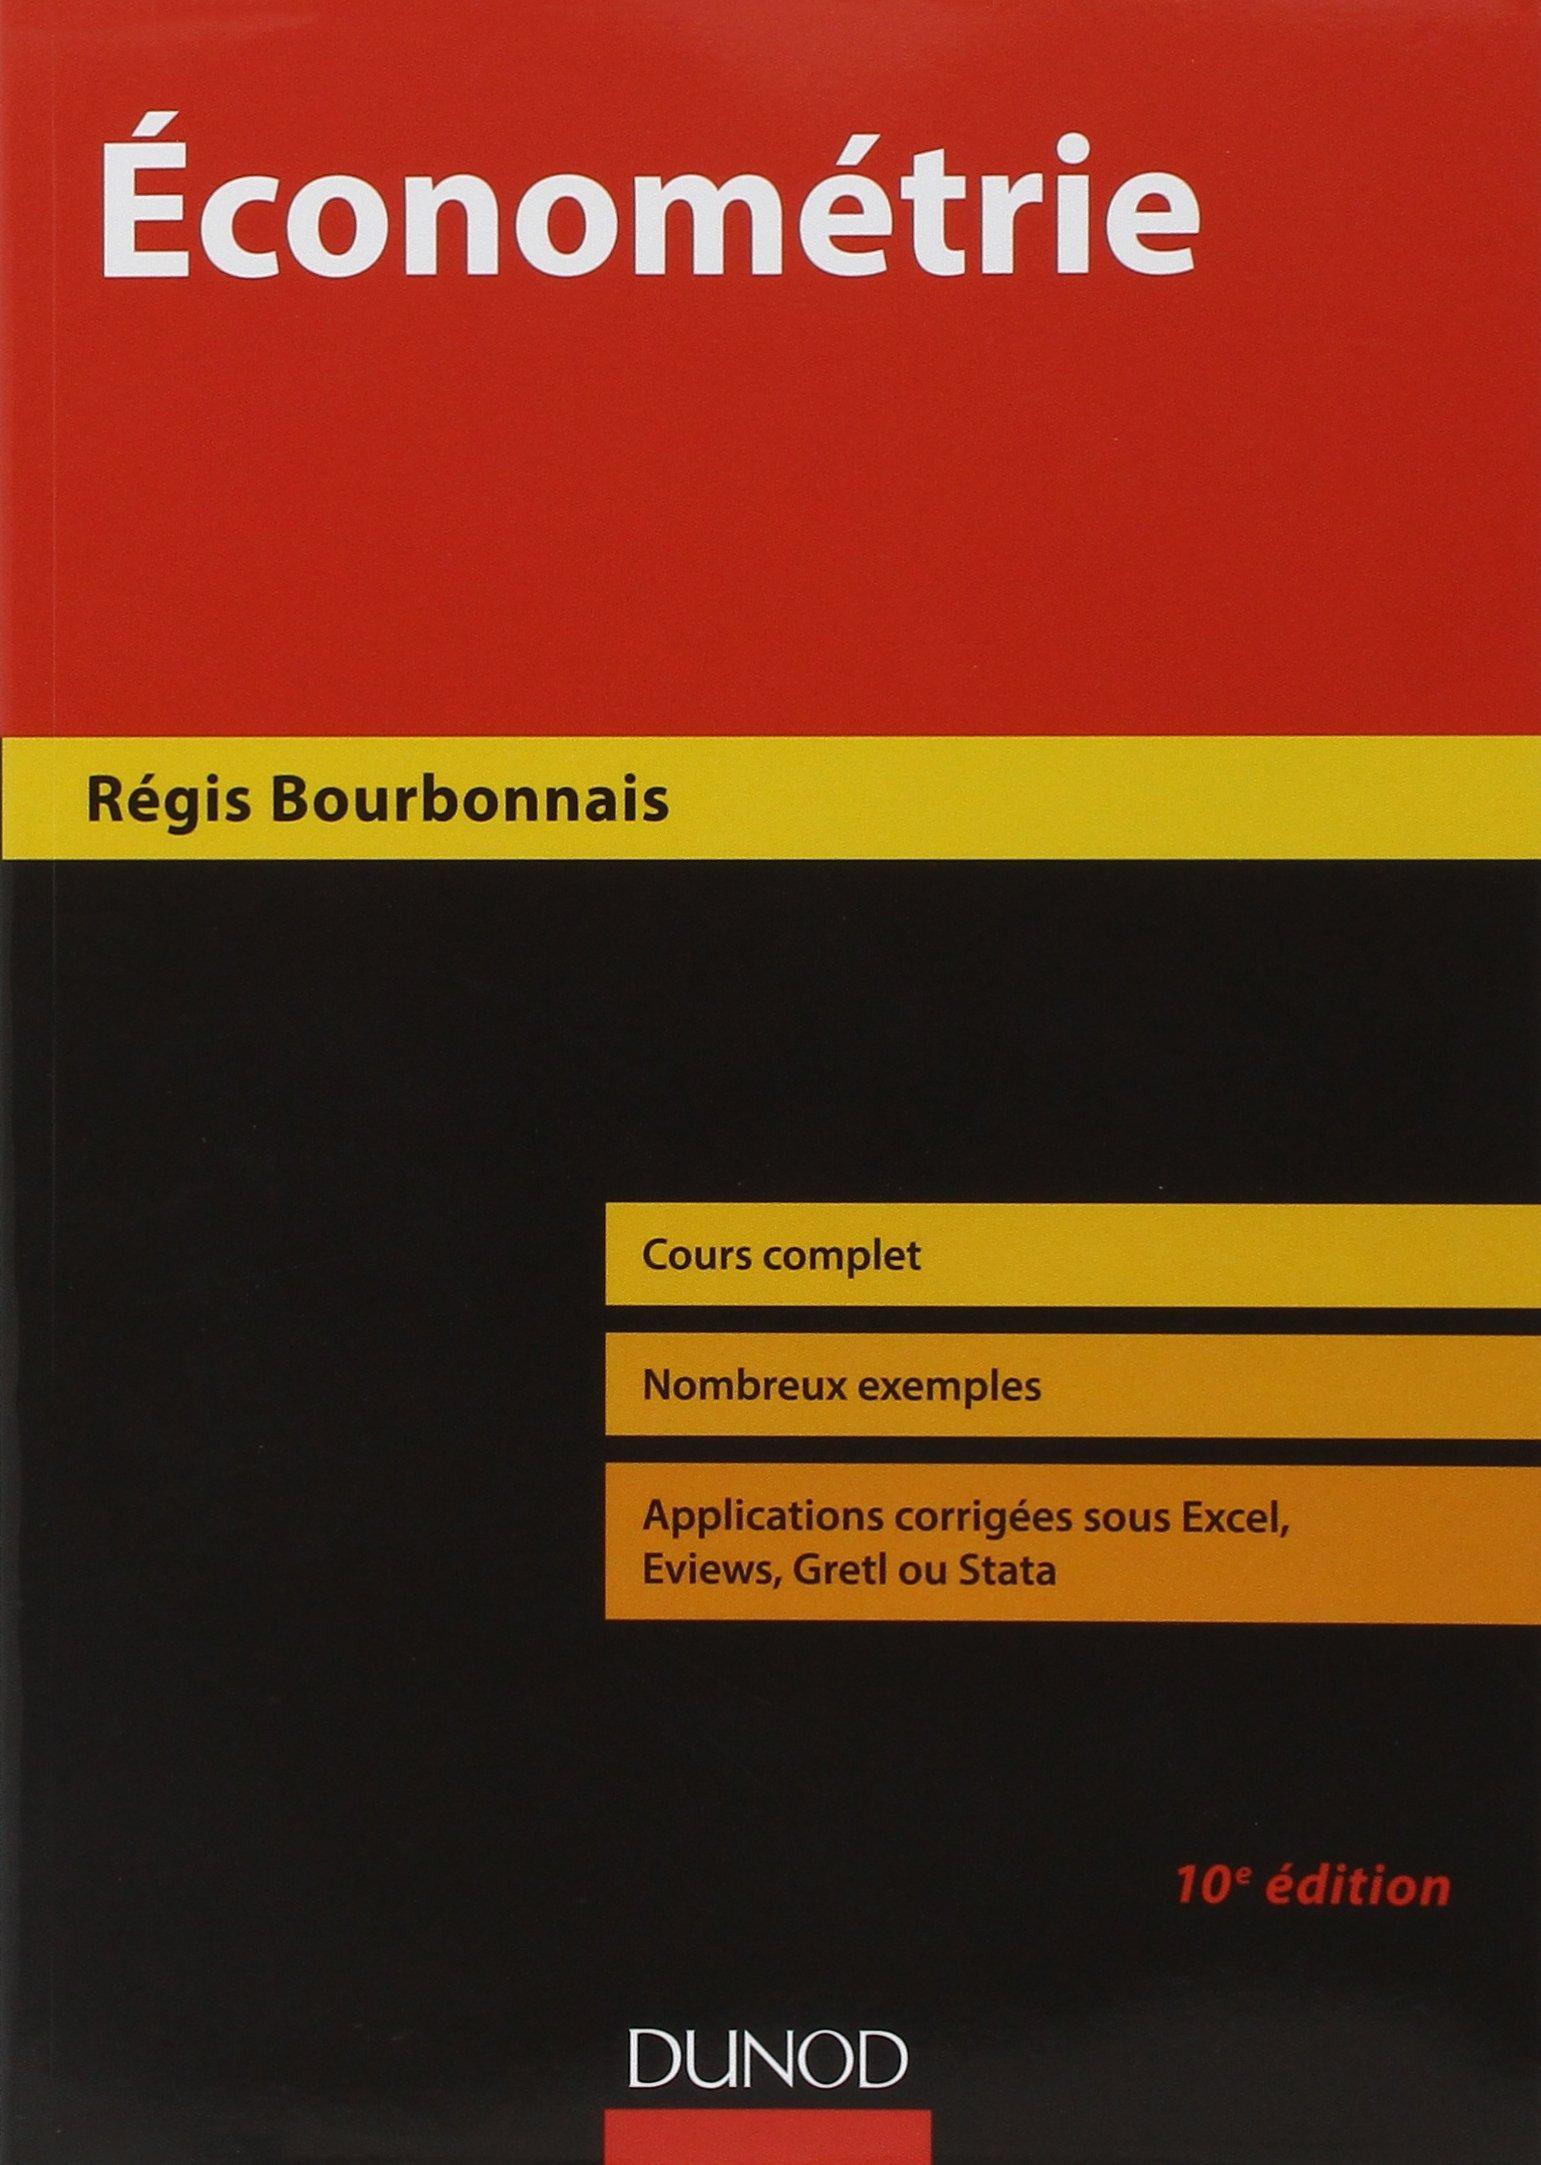 Économétrie - 10e éd. - Cours et exercices corrigés Broché – 10 janvier 2018 Régis Bourbonnais Dunod 2100773453 Entreprise